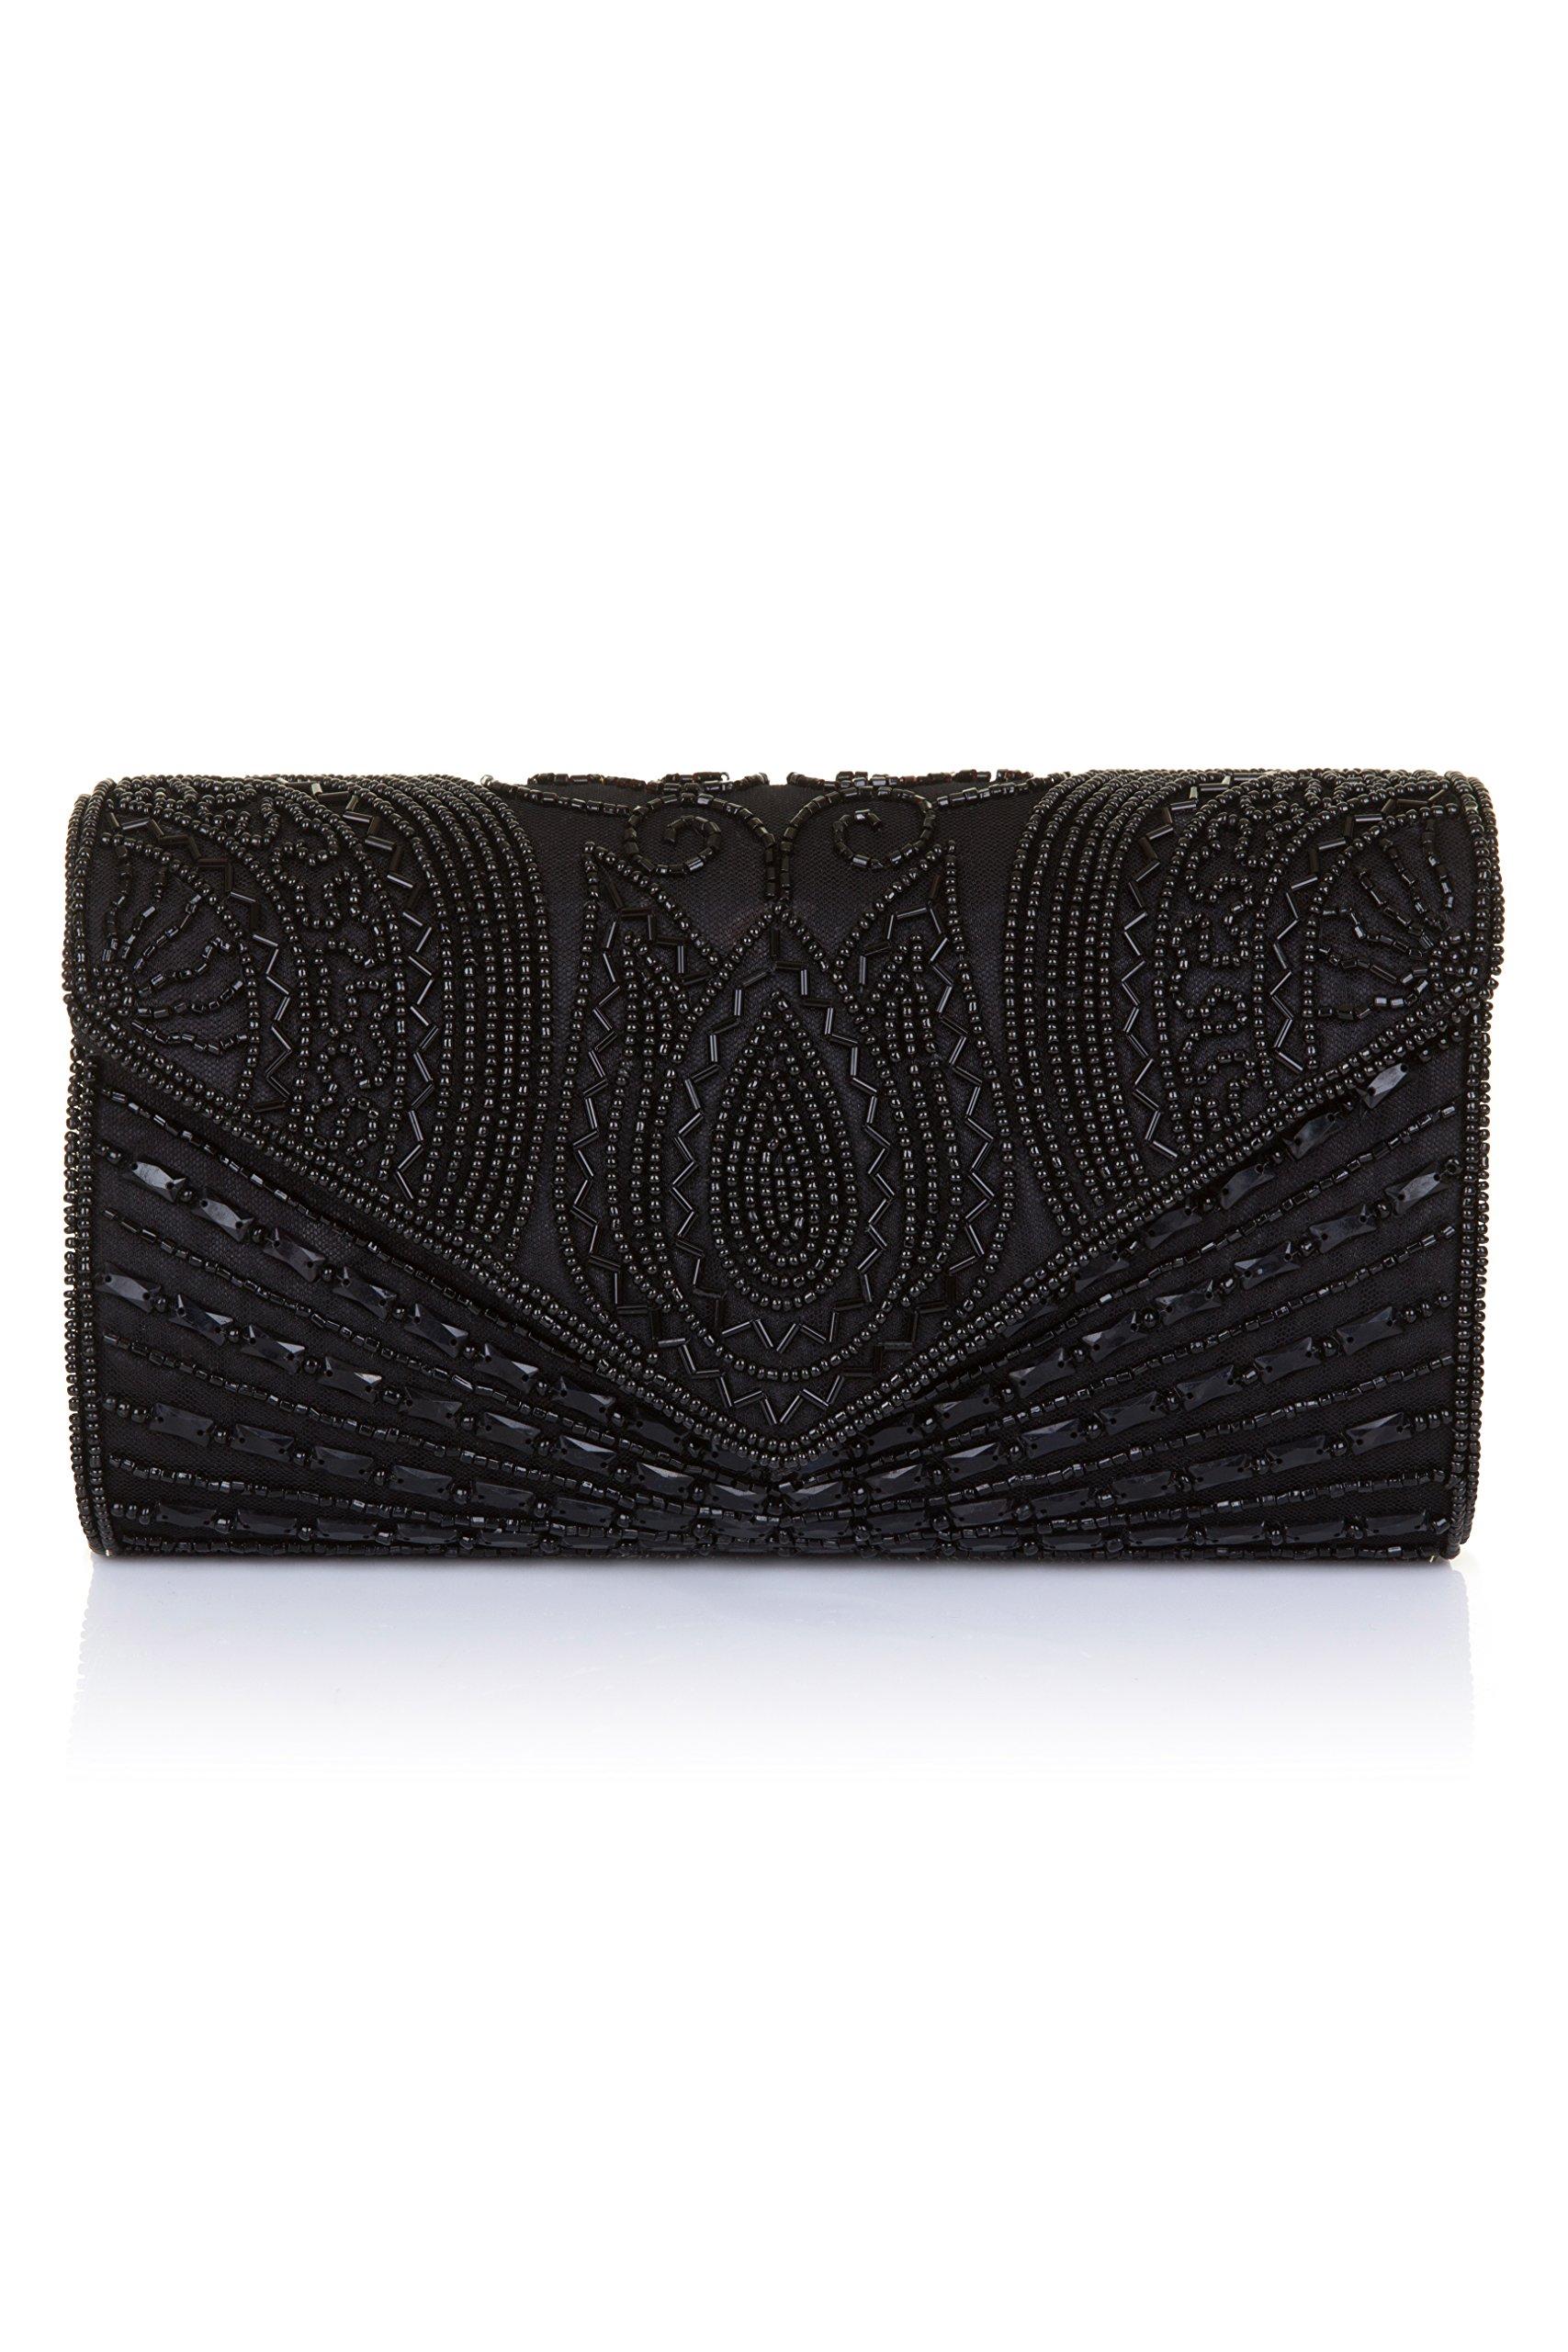 Beatrice Vintage Inspired Hand Embellished Clutch Bag in Black